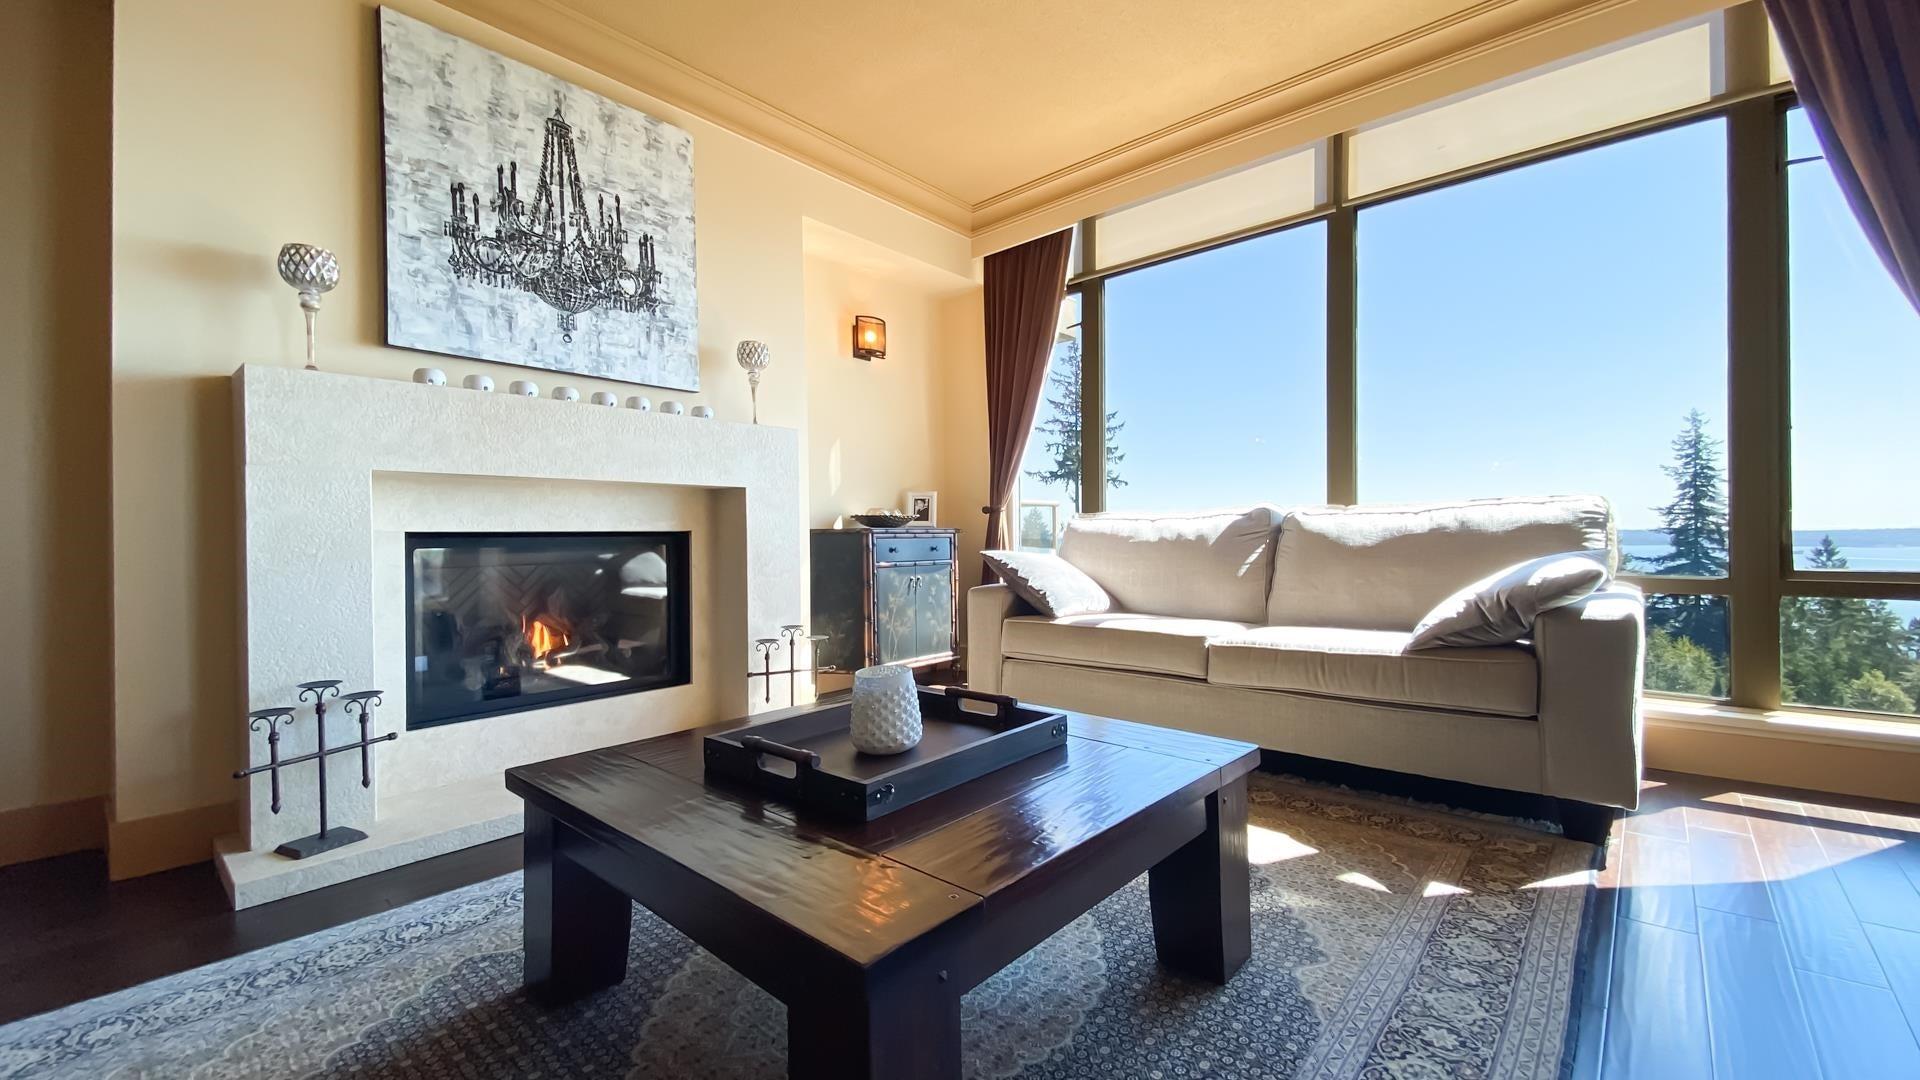 301 3131 DEER RIDGE DRIVE - Deer Ridge WV Apartment/Condo for sale, 2 Bedrooms (R2615692) - #7